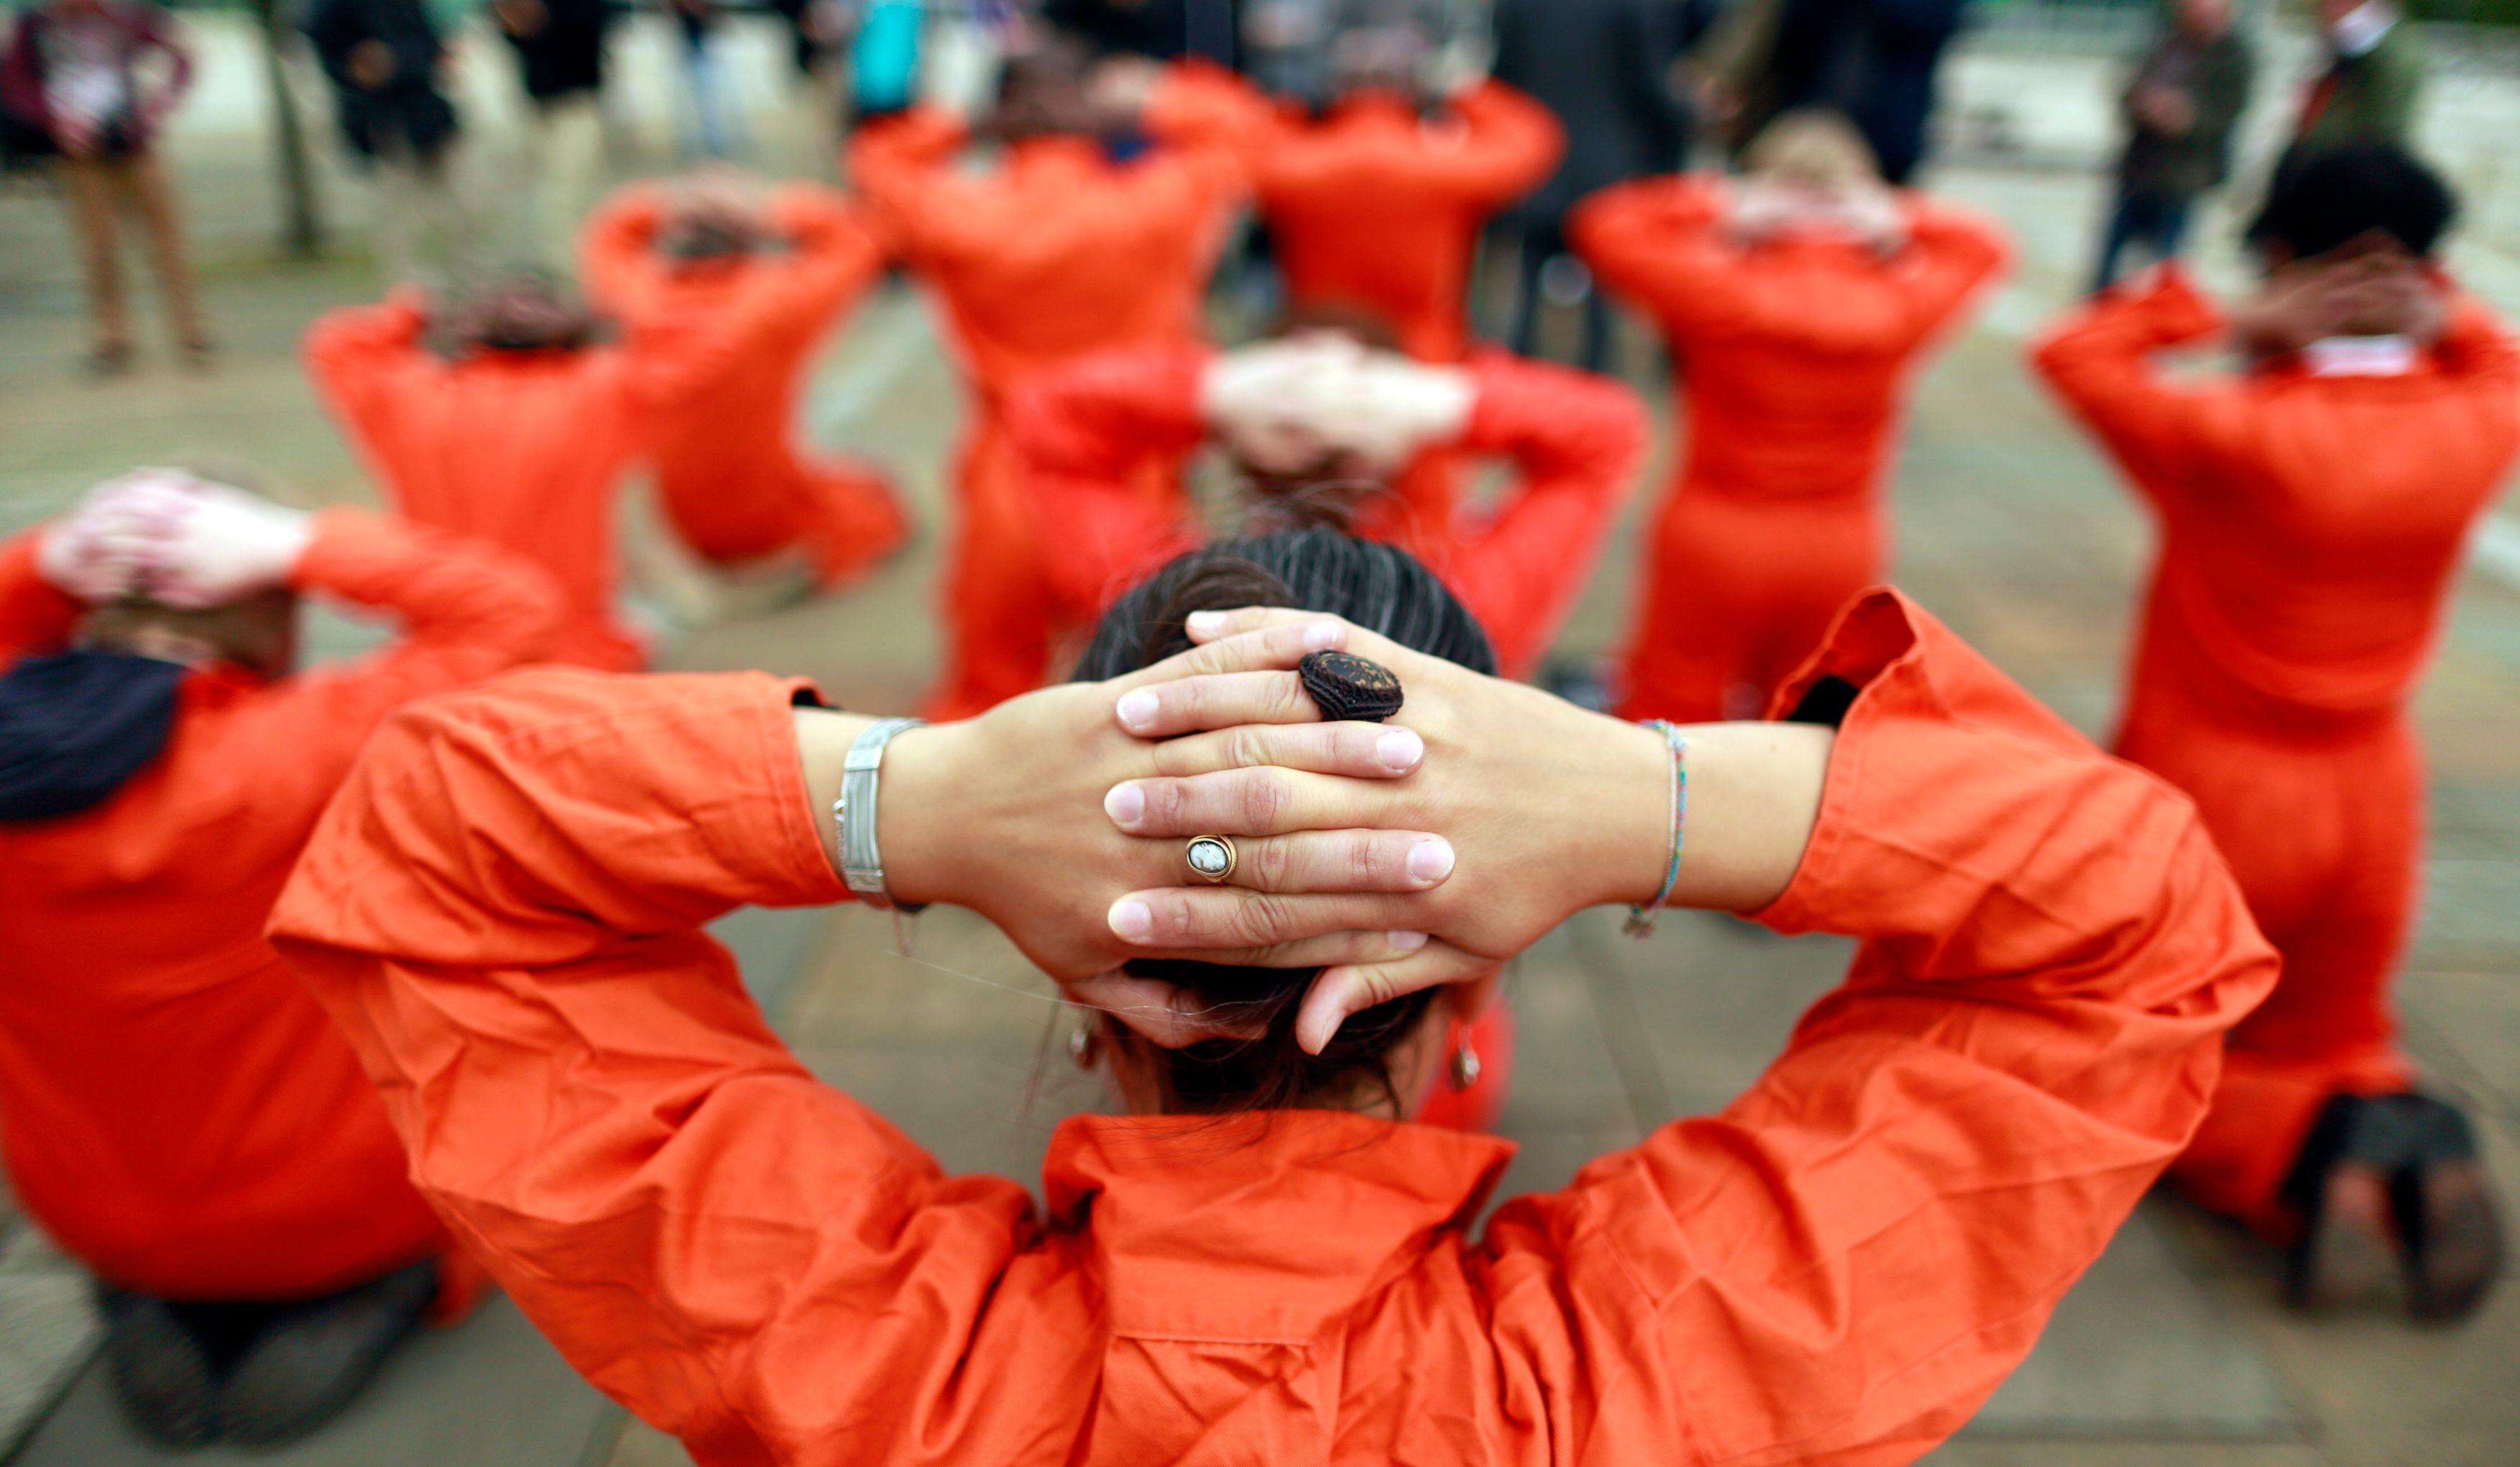 Le Sénat américain a publié le 9 décembre un rapport accablant sur les tortures employées par la CIA.